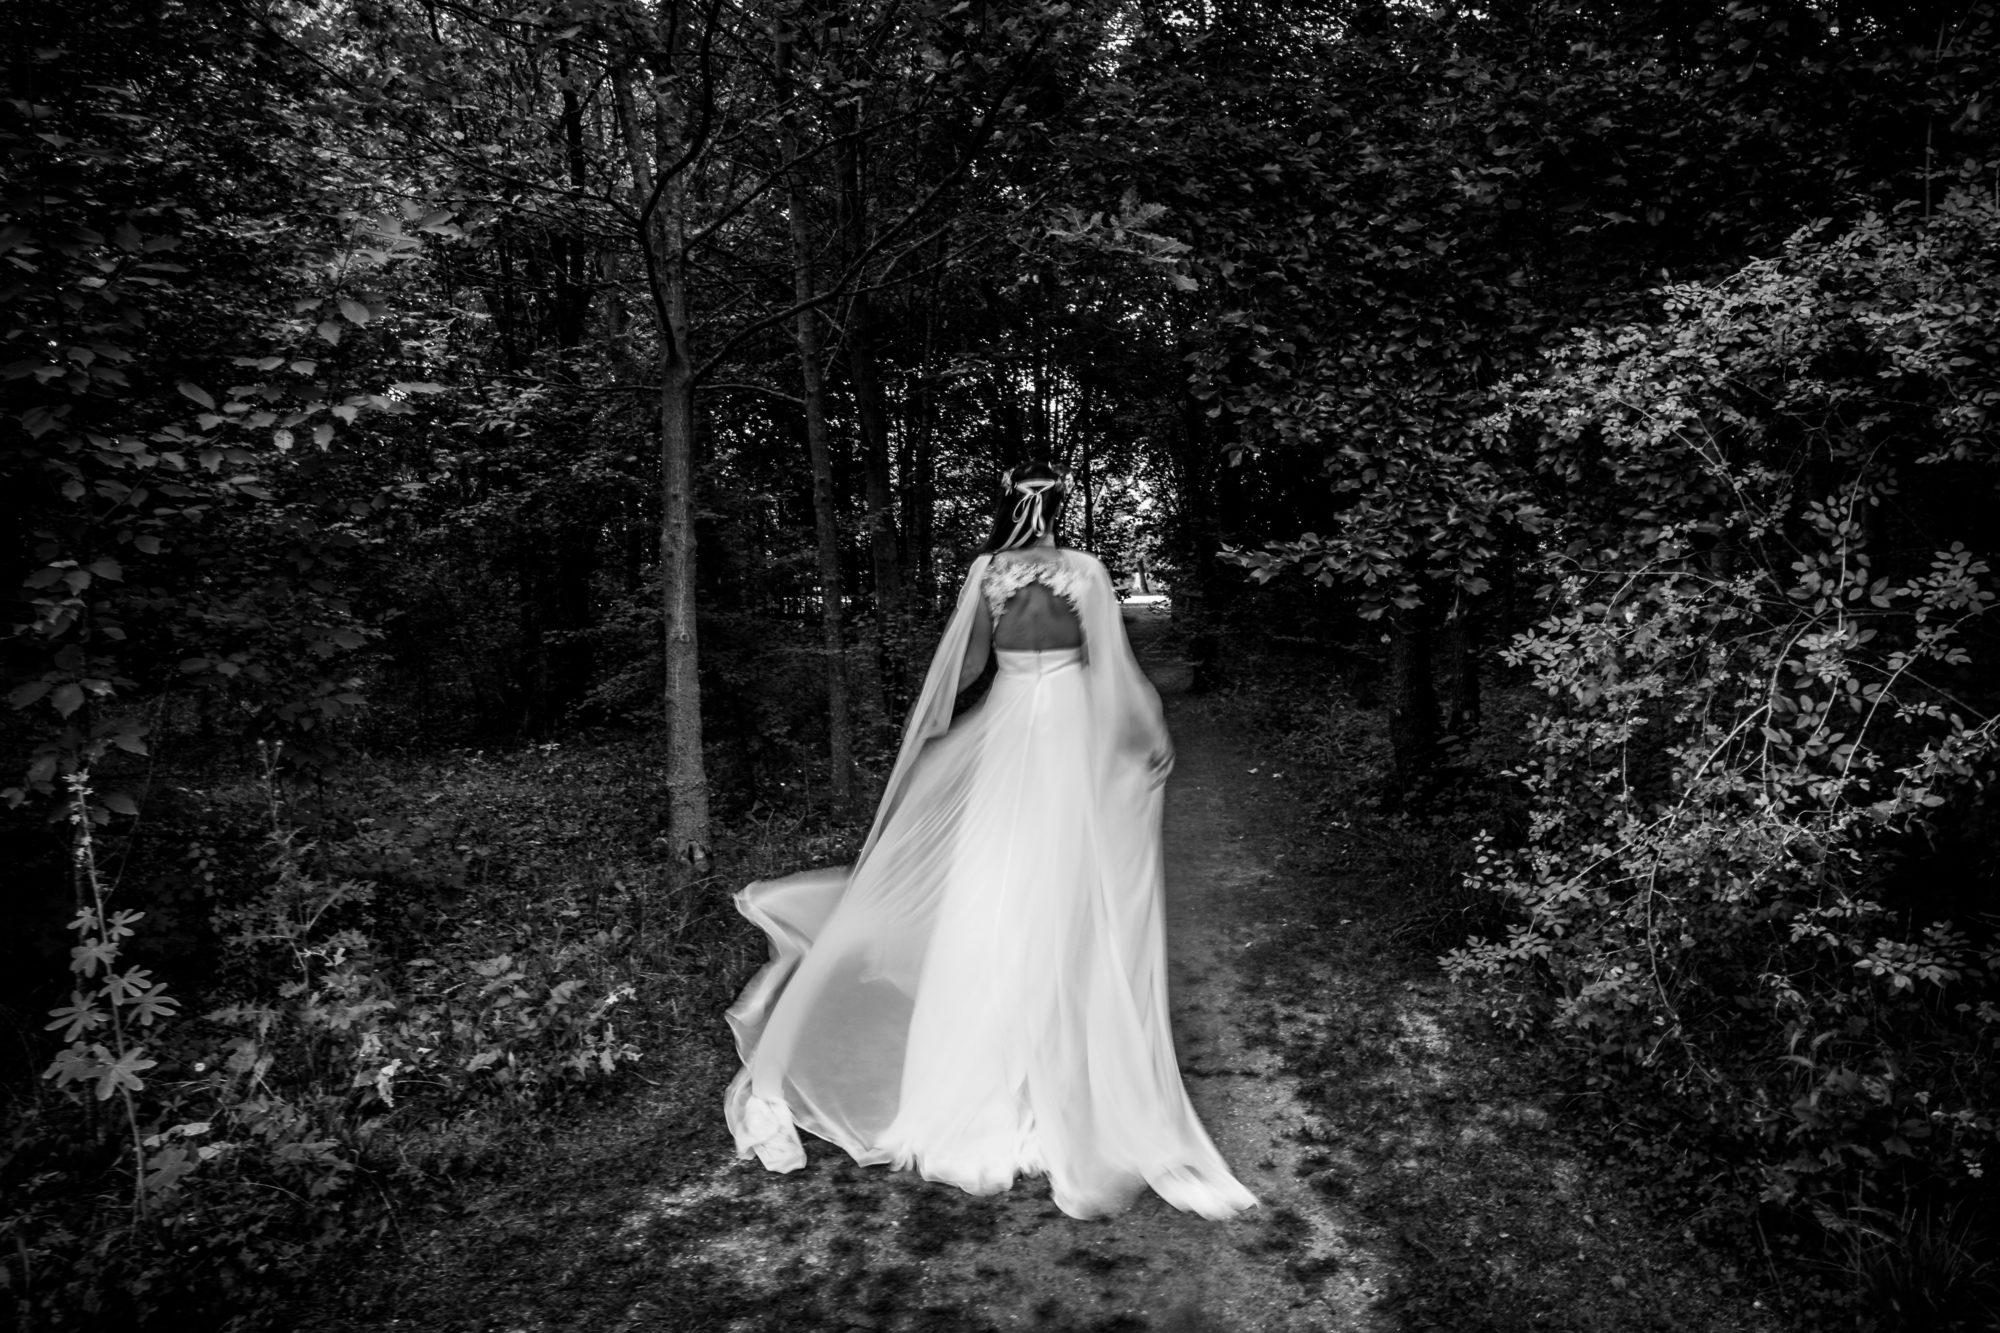 0029_gilberti_ricca_convento_annunciata_fotografi_matrimonio